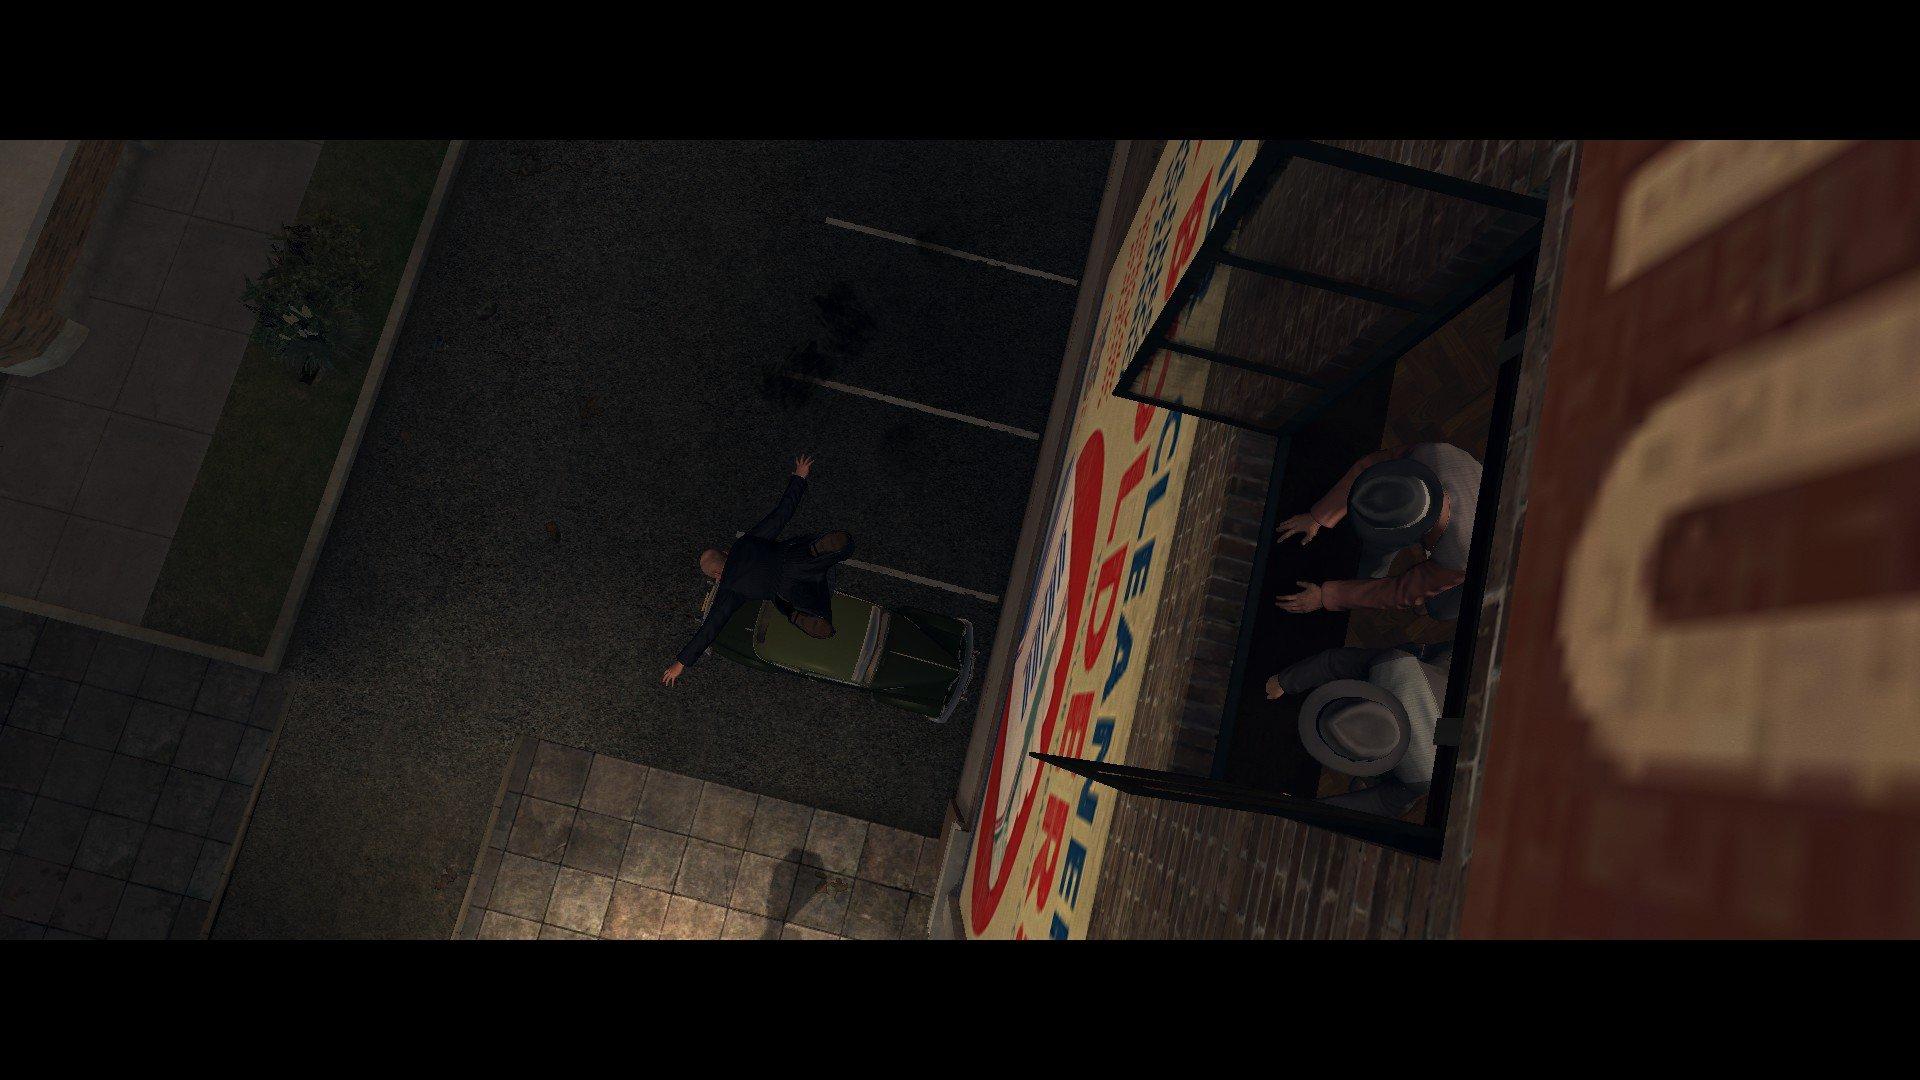 Пост-прохождение L.A. Noire Часть 17-2 - Изображение 32